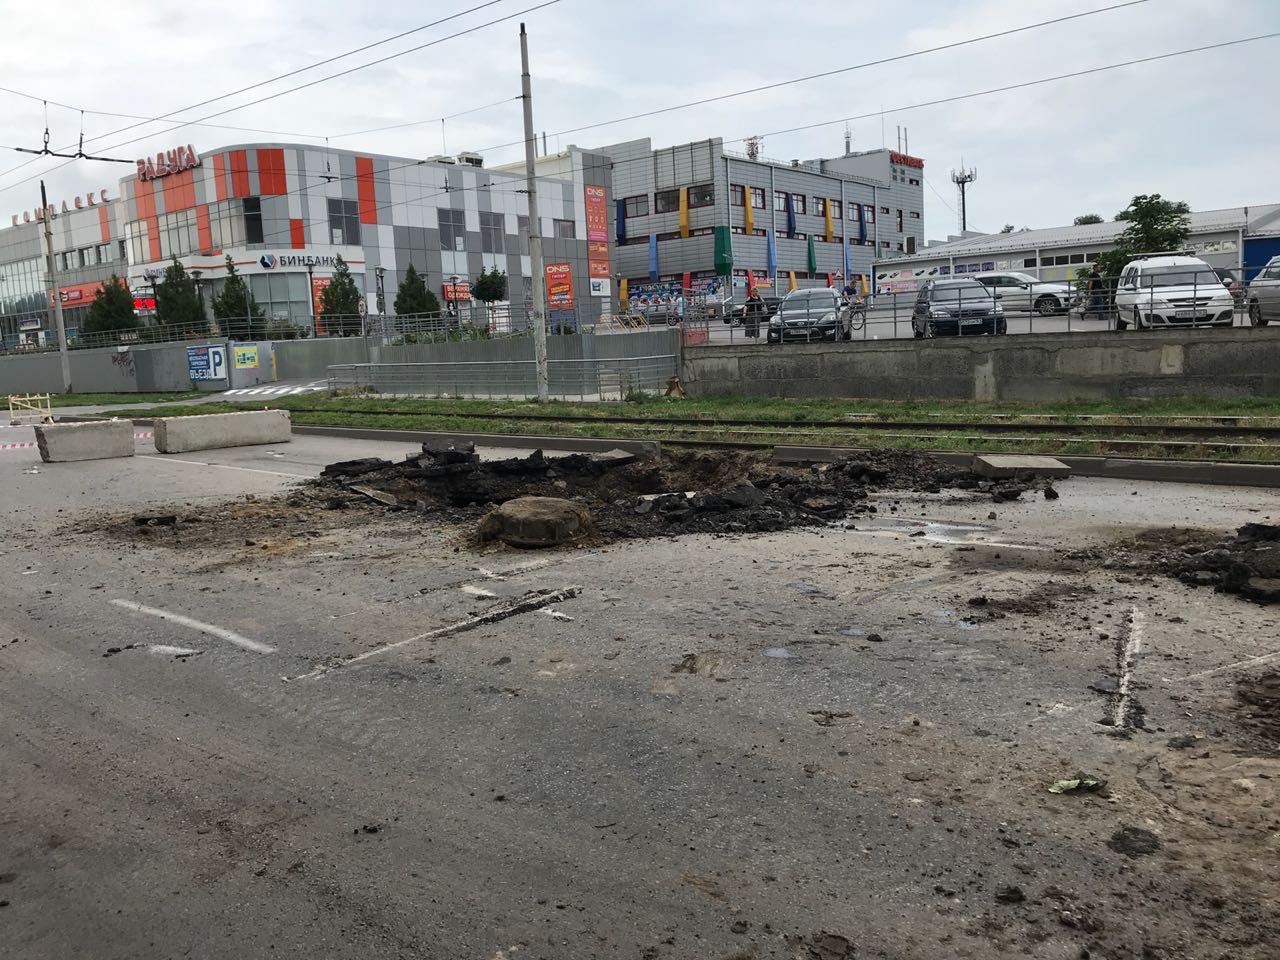 В центре Таганрога в районе «Радуги» прорвало напорный канализационный коллектор, движение перекрыто